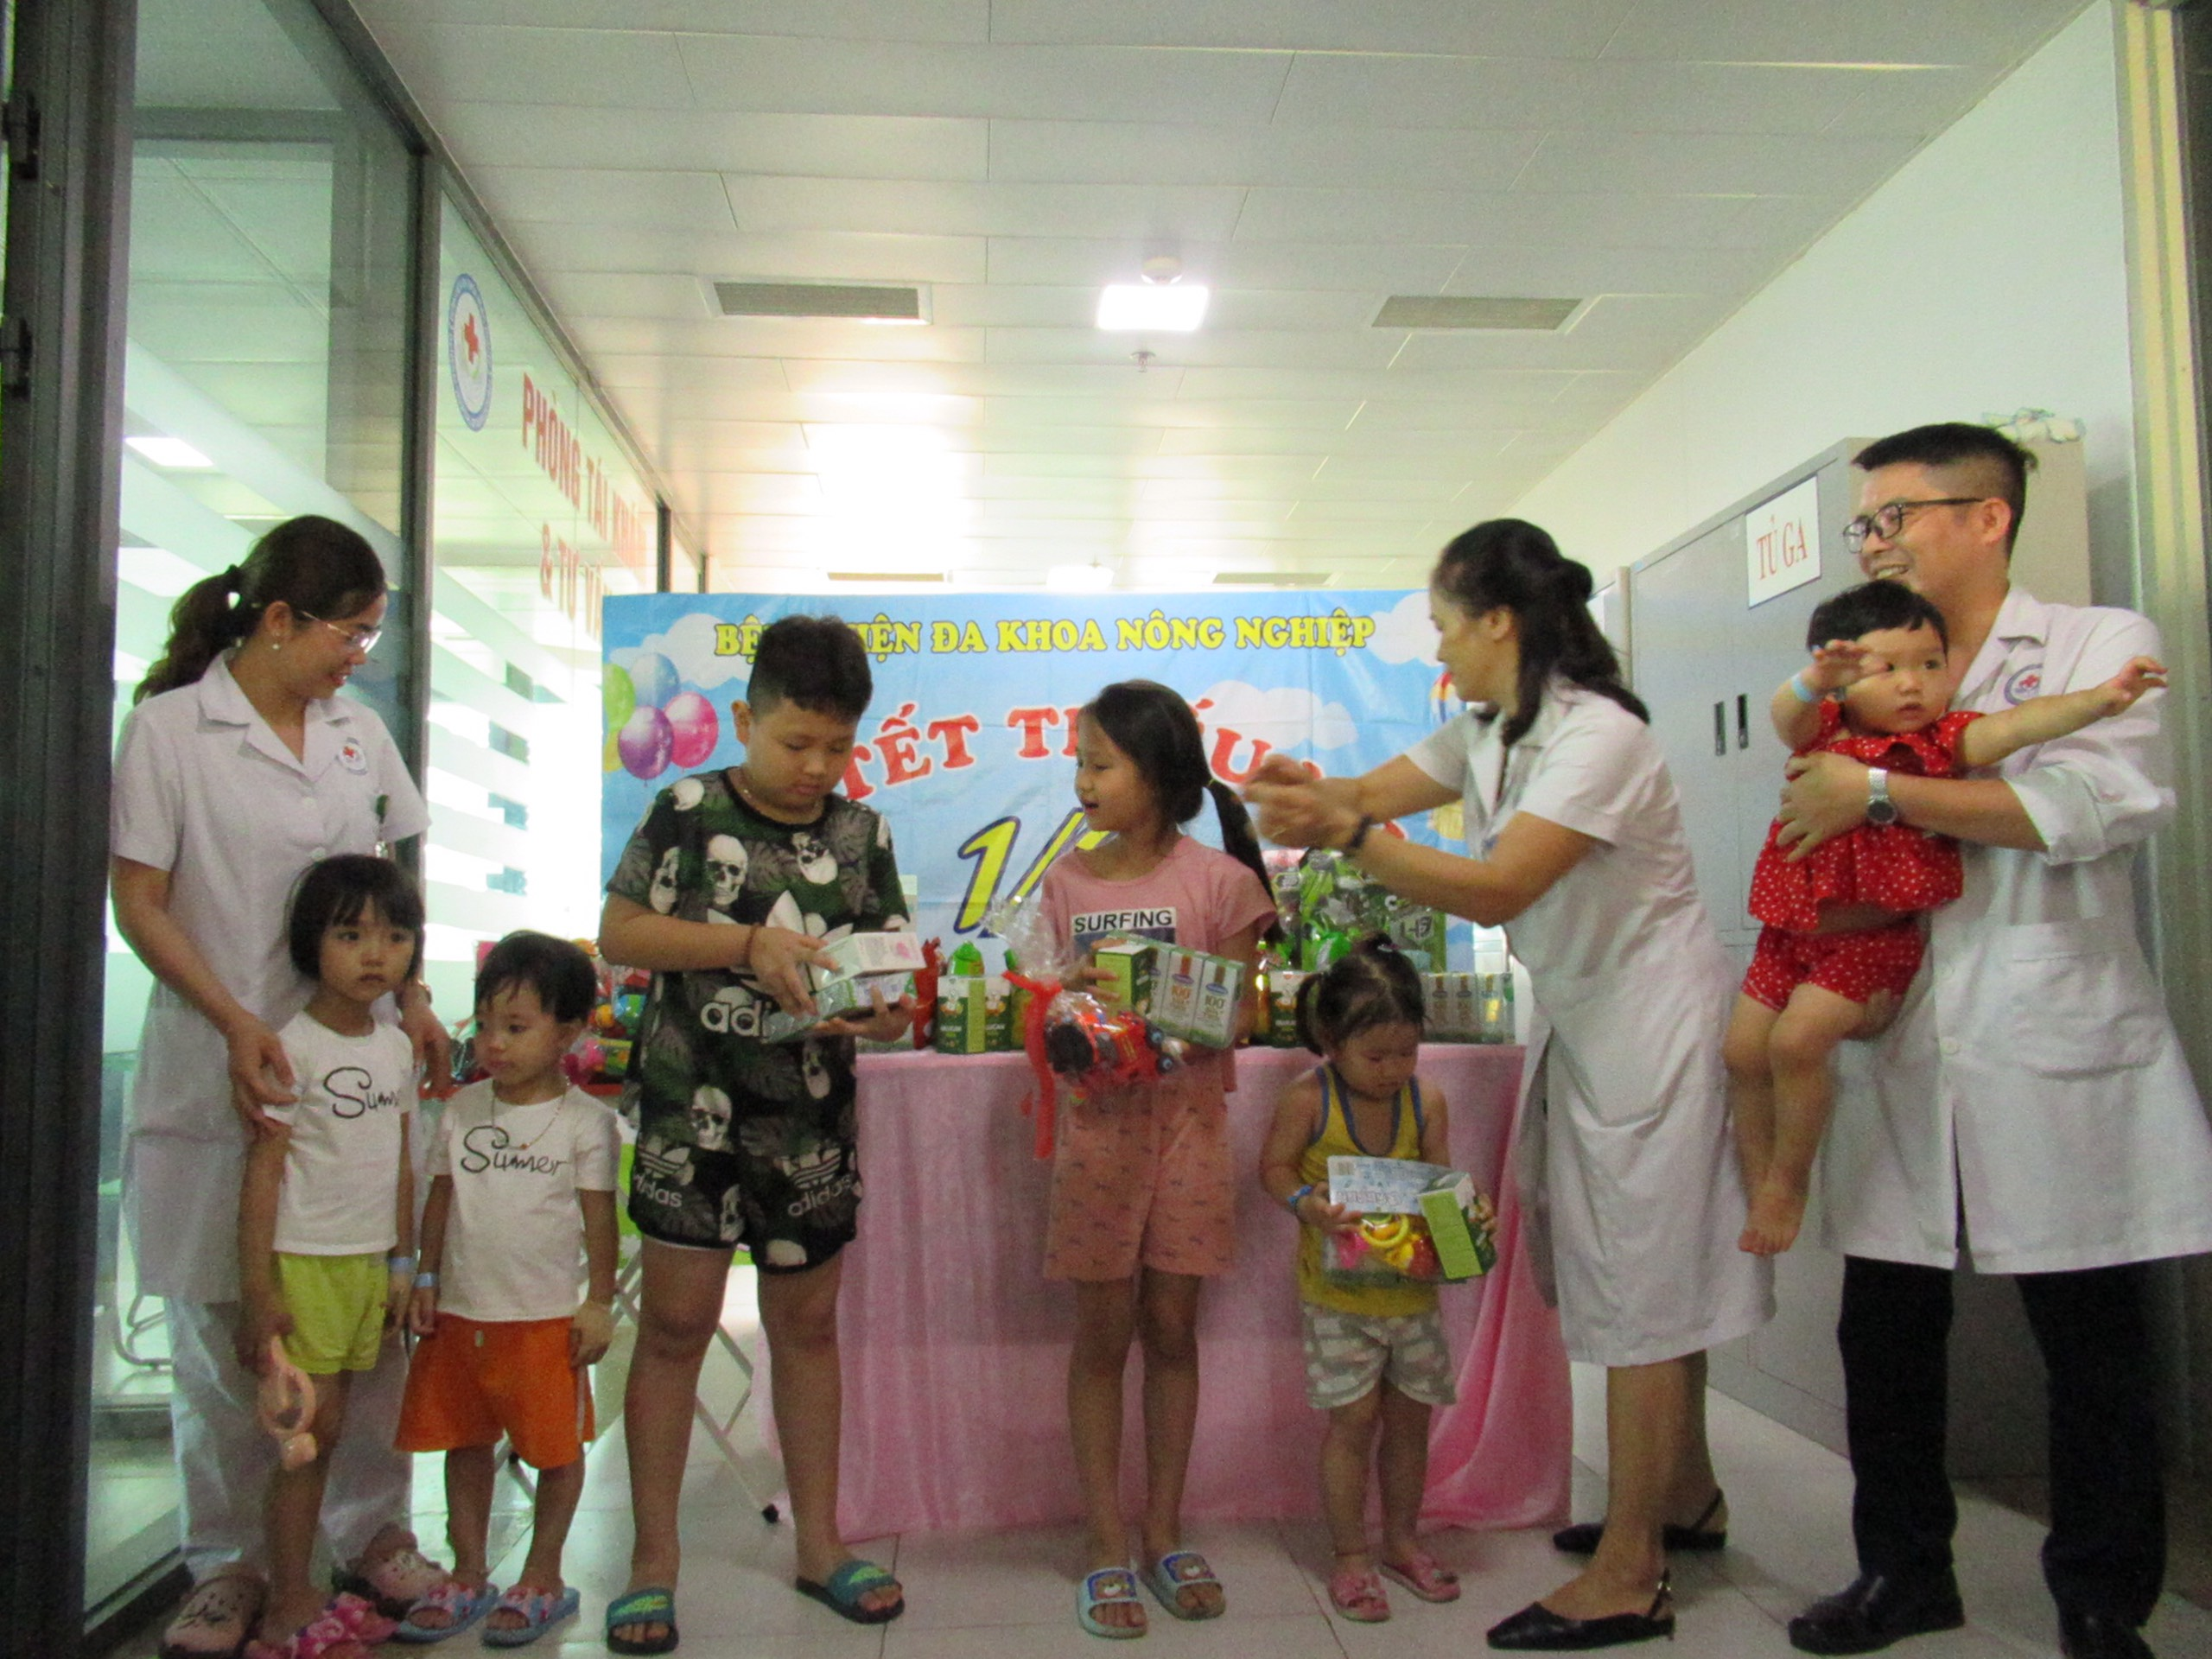 Vui tết thiếu nhi 1/06 với các bệnh nhân nhi đến khám và điều trú nội trú tại BVĐK Nông nghiệp